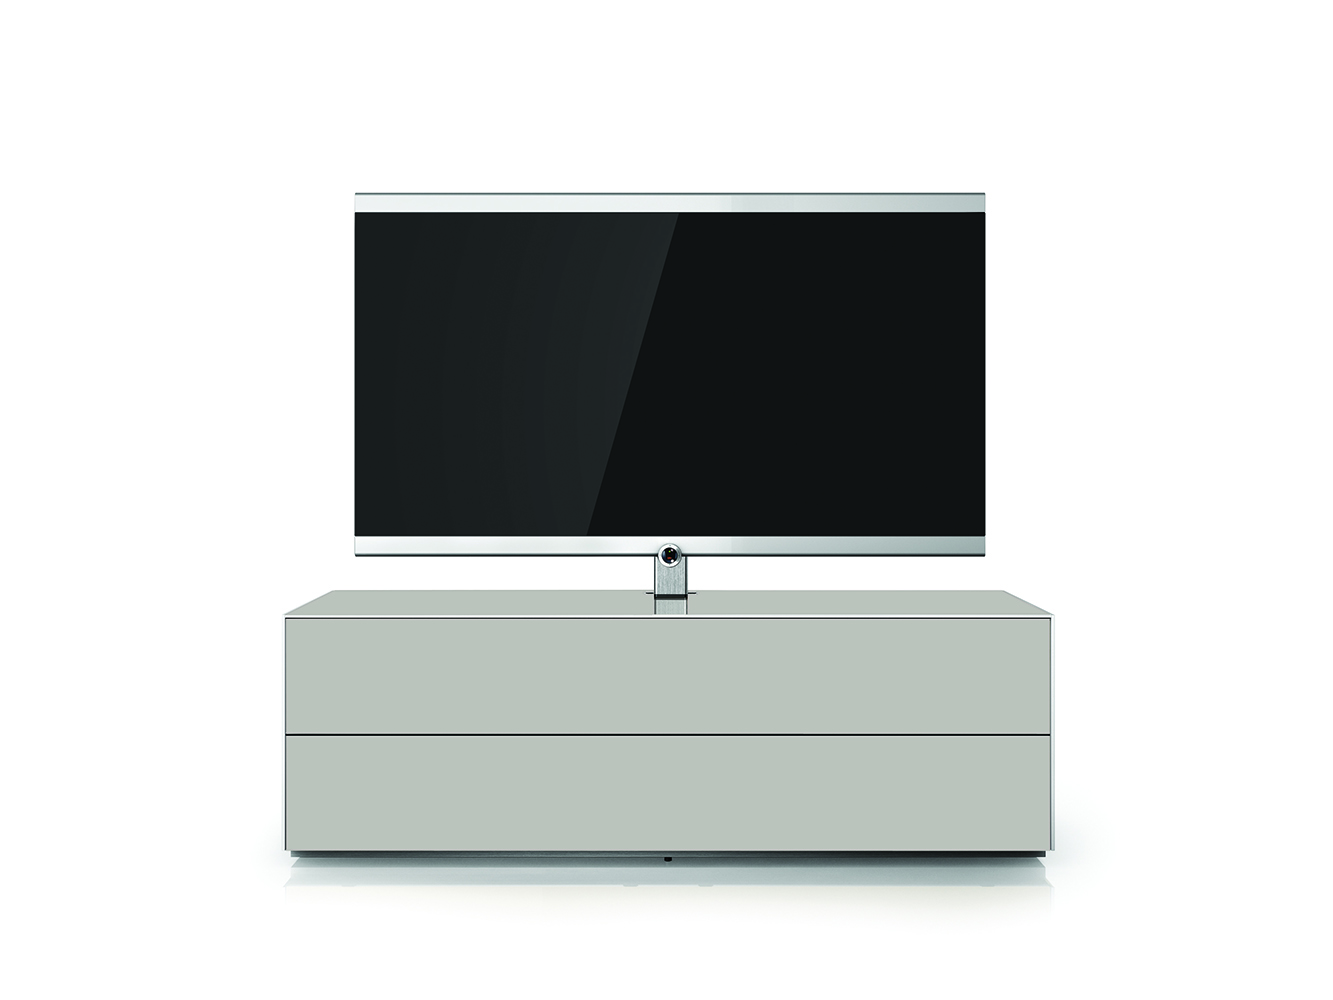 Meuble Tv Hifi Intégré meuble tv sonorous ex11-fd-pitc-pitc-2-a avec support tv